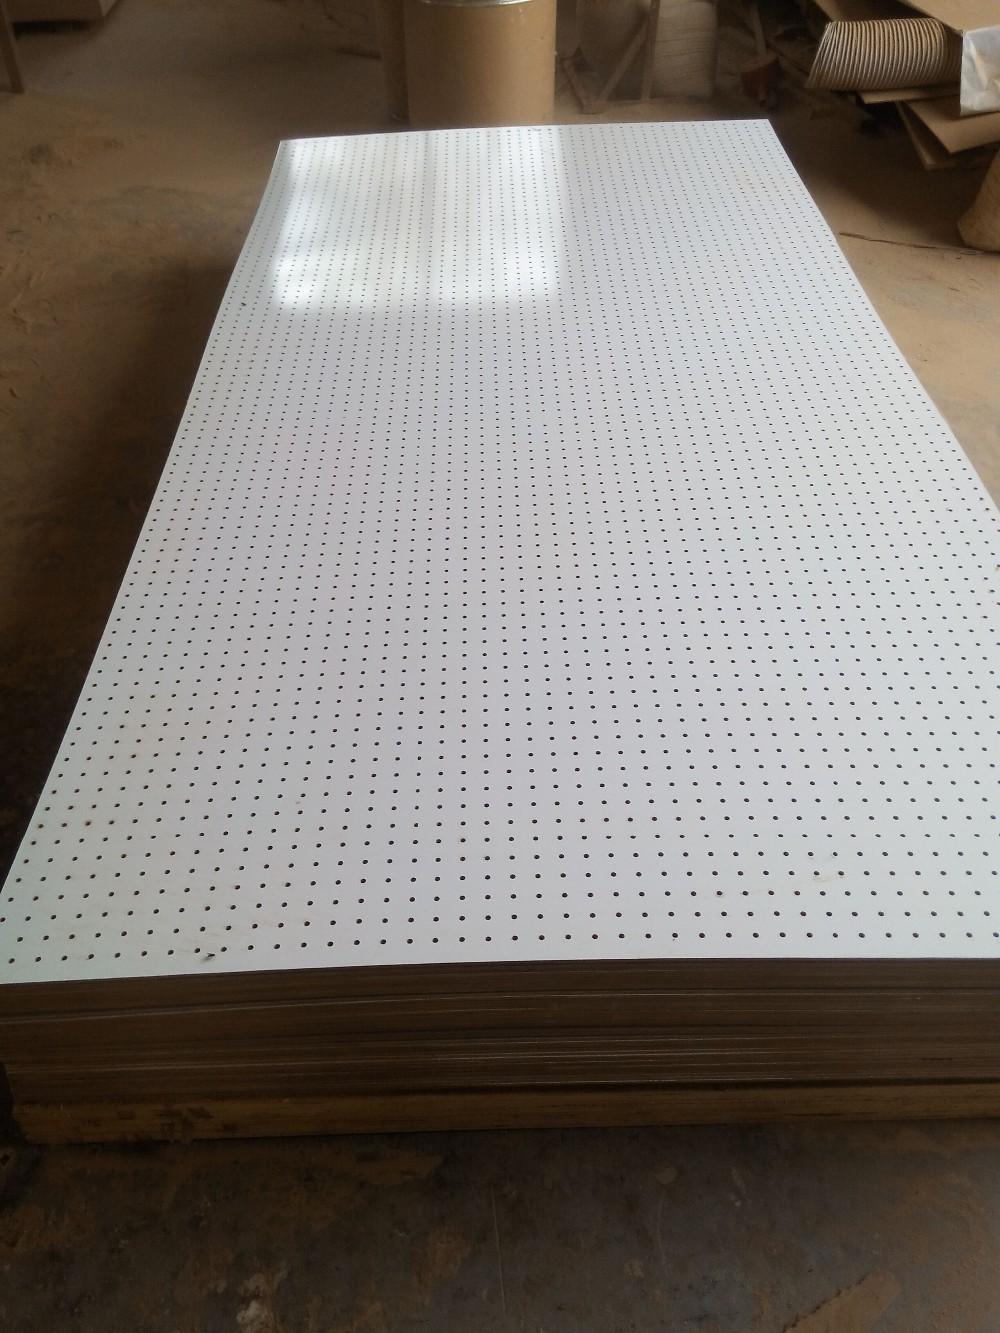 M lamine mdf peg conseil panneaux en fibres id de produit - Panneau mdf 3mm ...